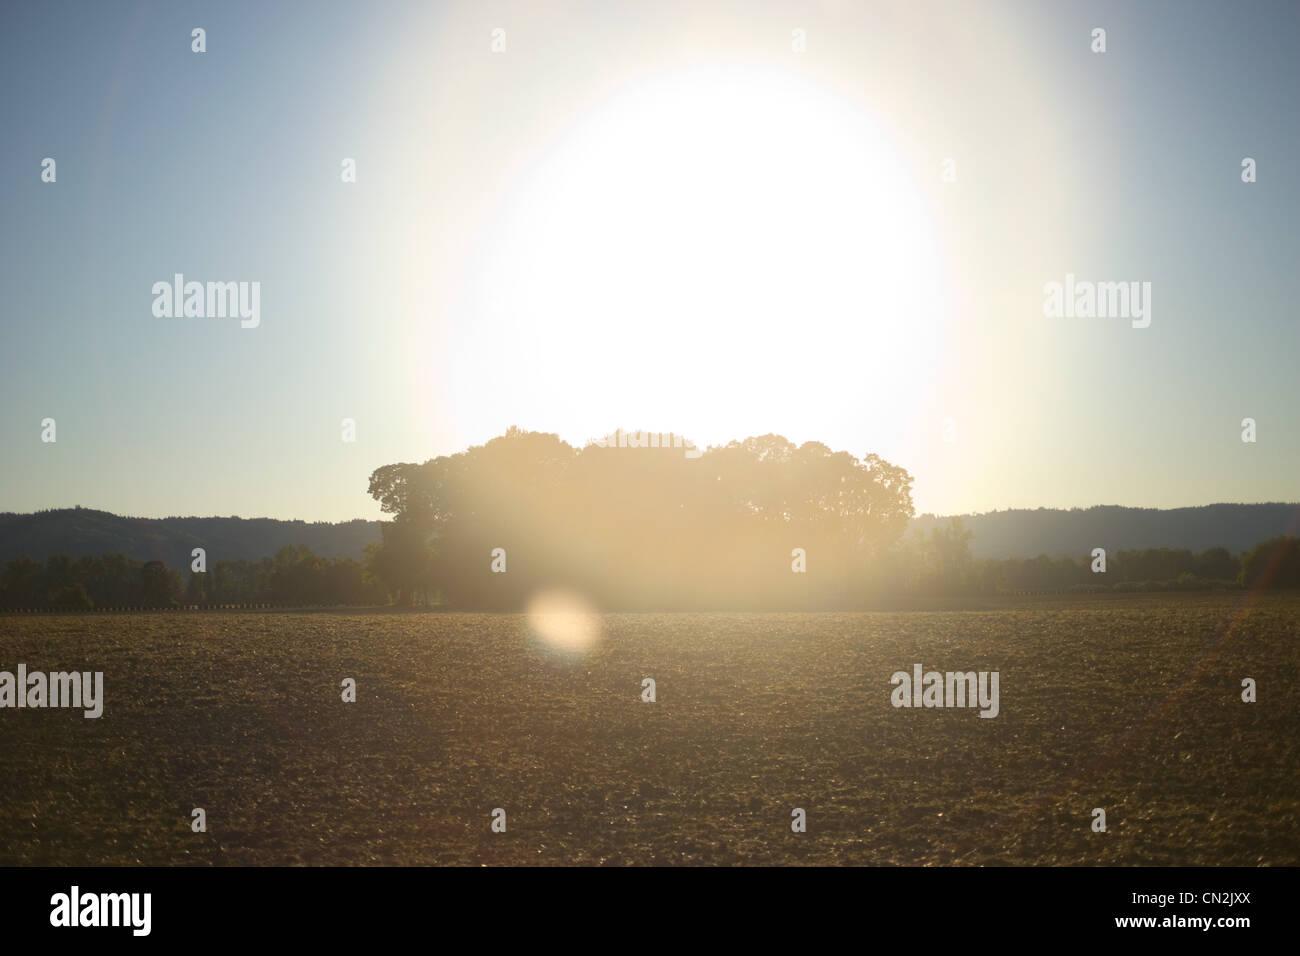 Rural summer landscape - Stock Image